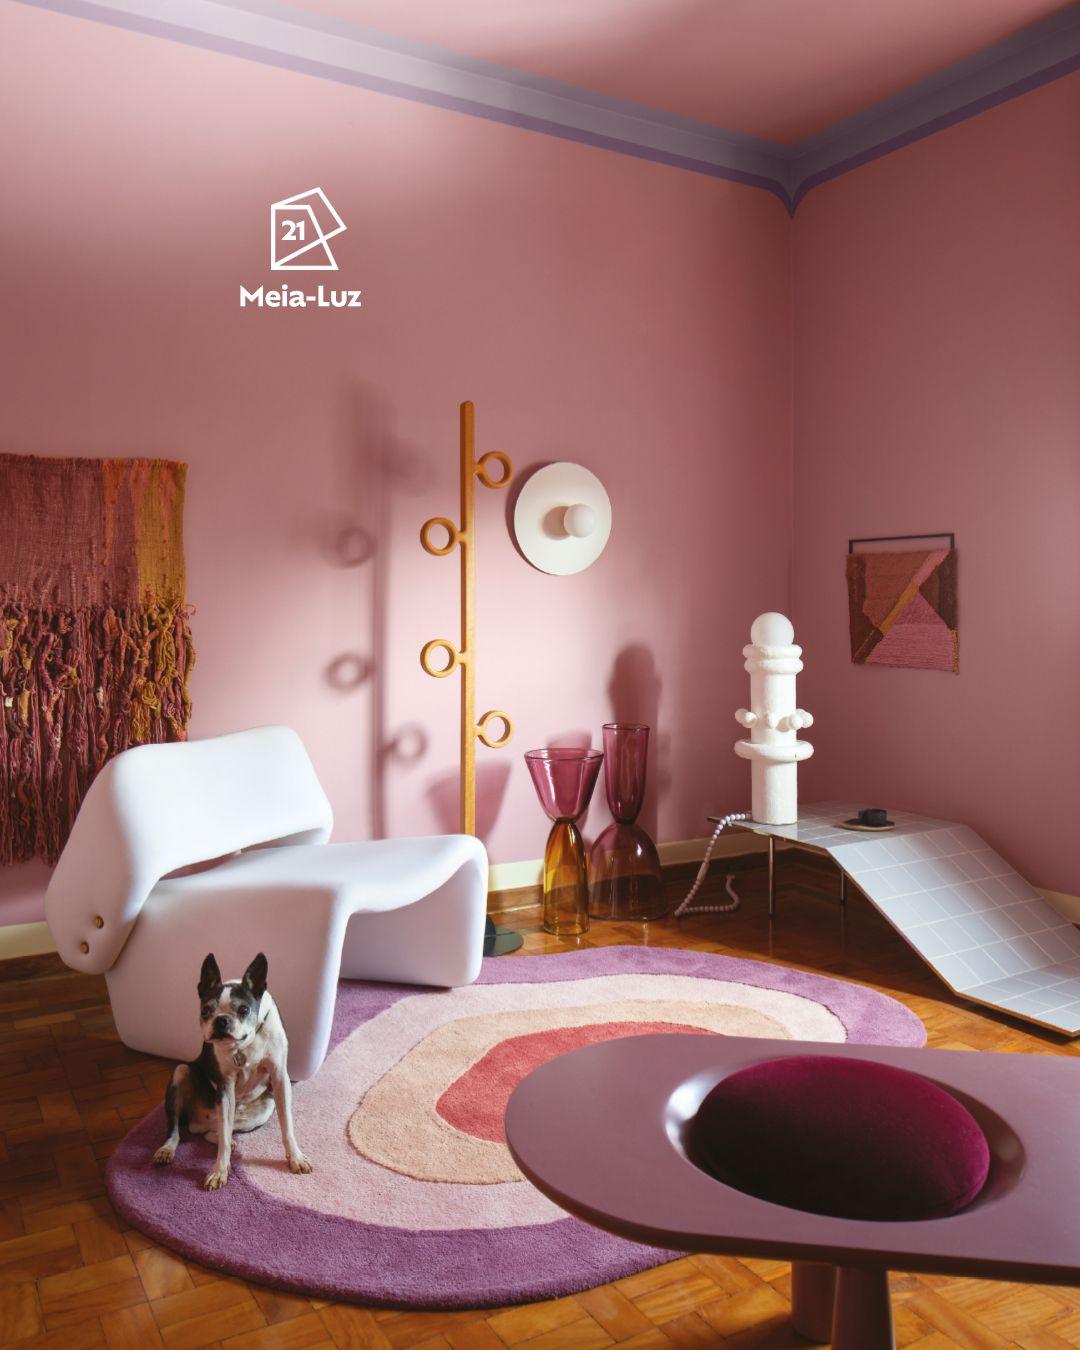 A foto apresenta uma sala  com parede pintada na cor Meia-Luz com o ícone de cor e decorada com  tapeçaria. À esquerda, uma poltrona branca, tapete colorido com cachorro  sentado em cima e mancebo. Uma mesa orgânica, vasos e luminária aparecem  à direita